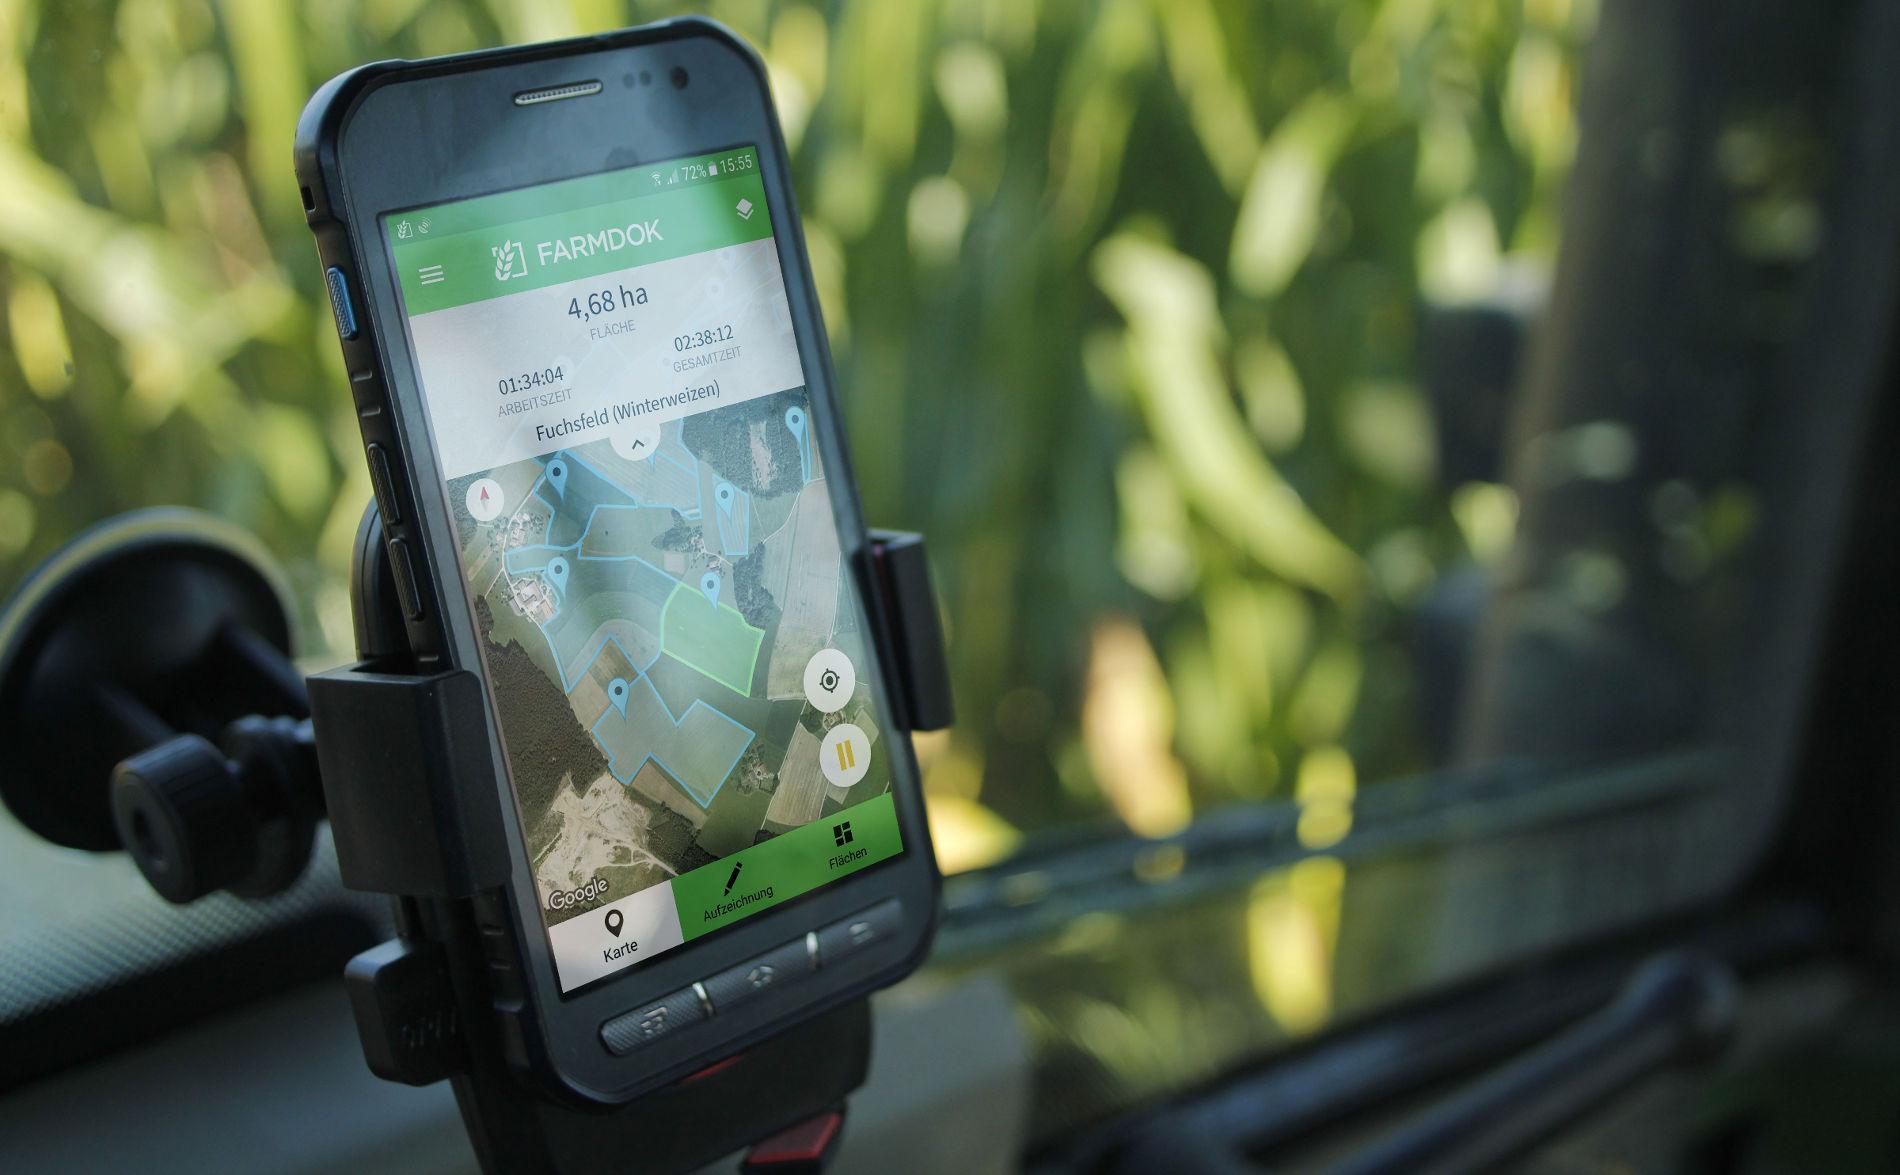 Smartphone montiert an der Scheibe